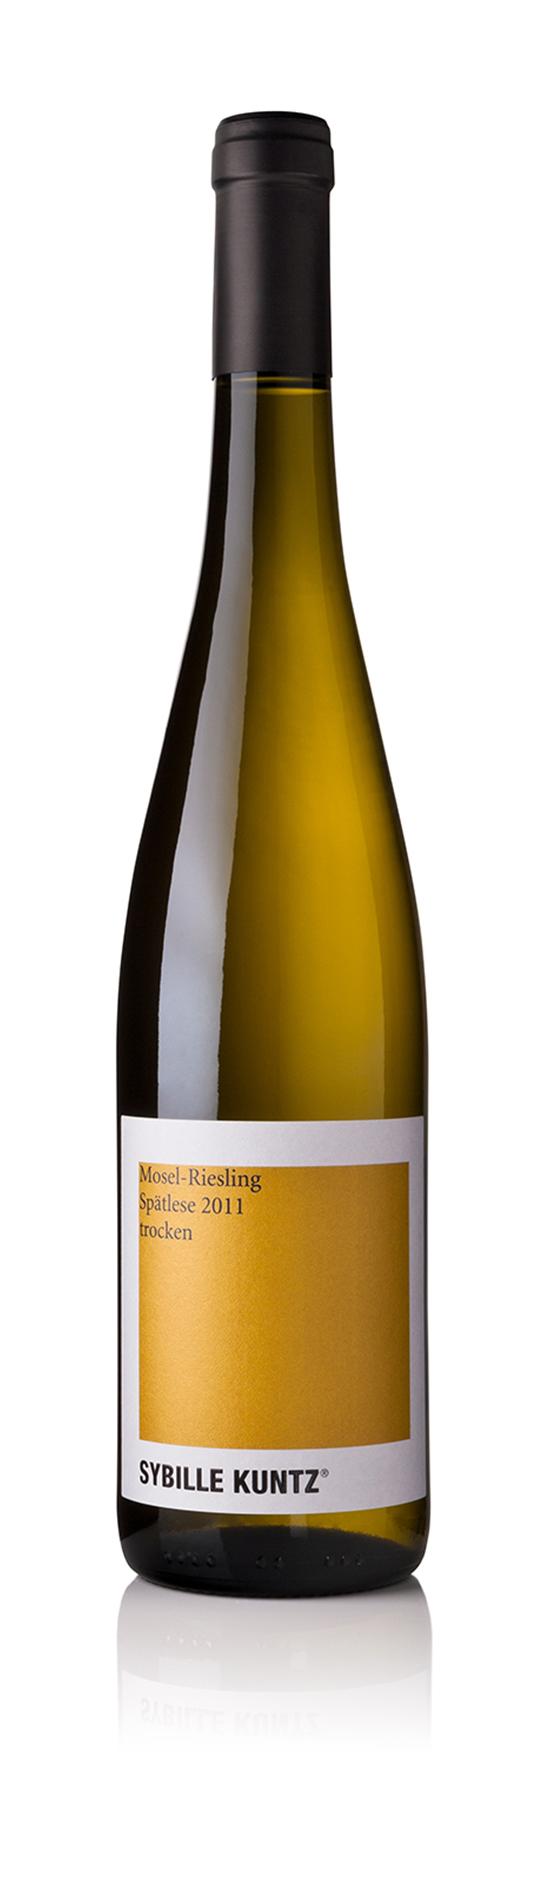 2011 SYBILLE KUNTZ Mosel-Riesling Spätlese trocken 0,75 l